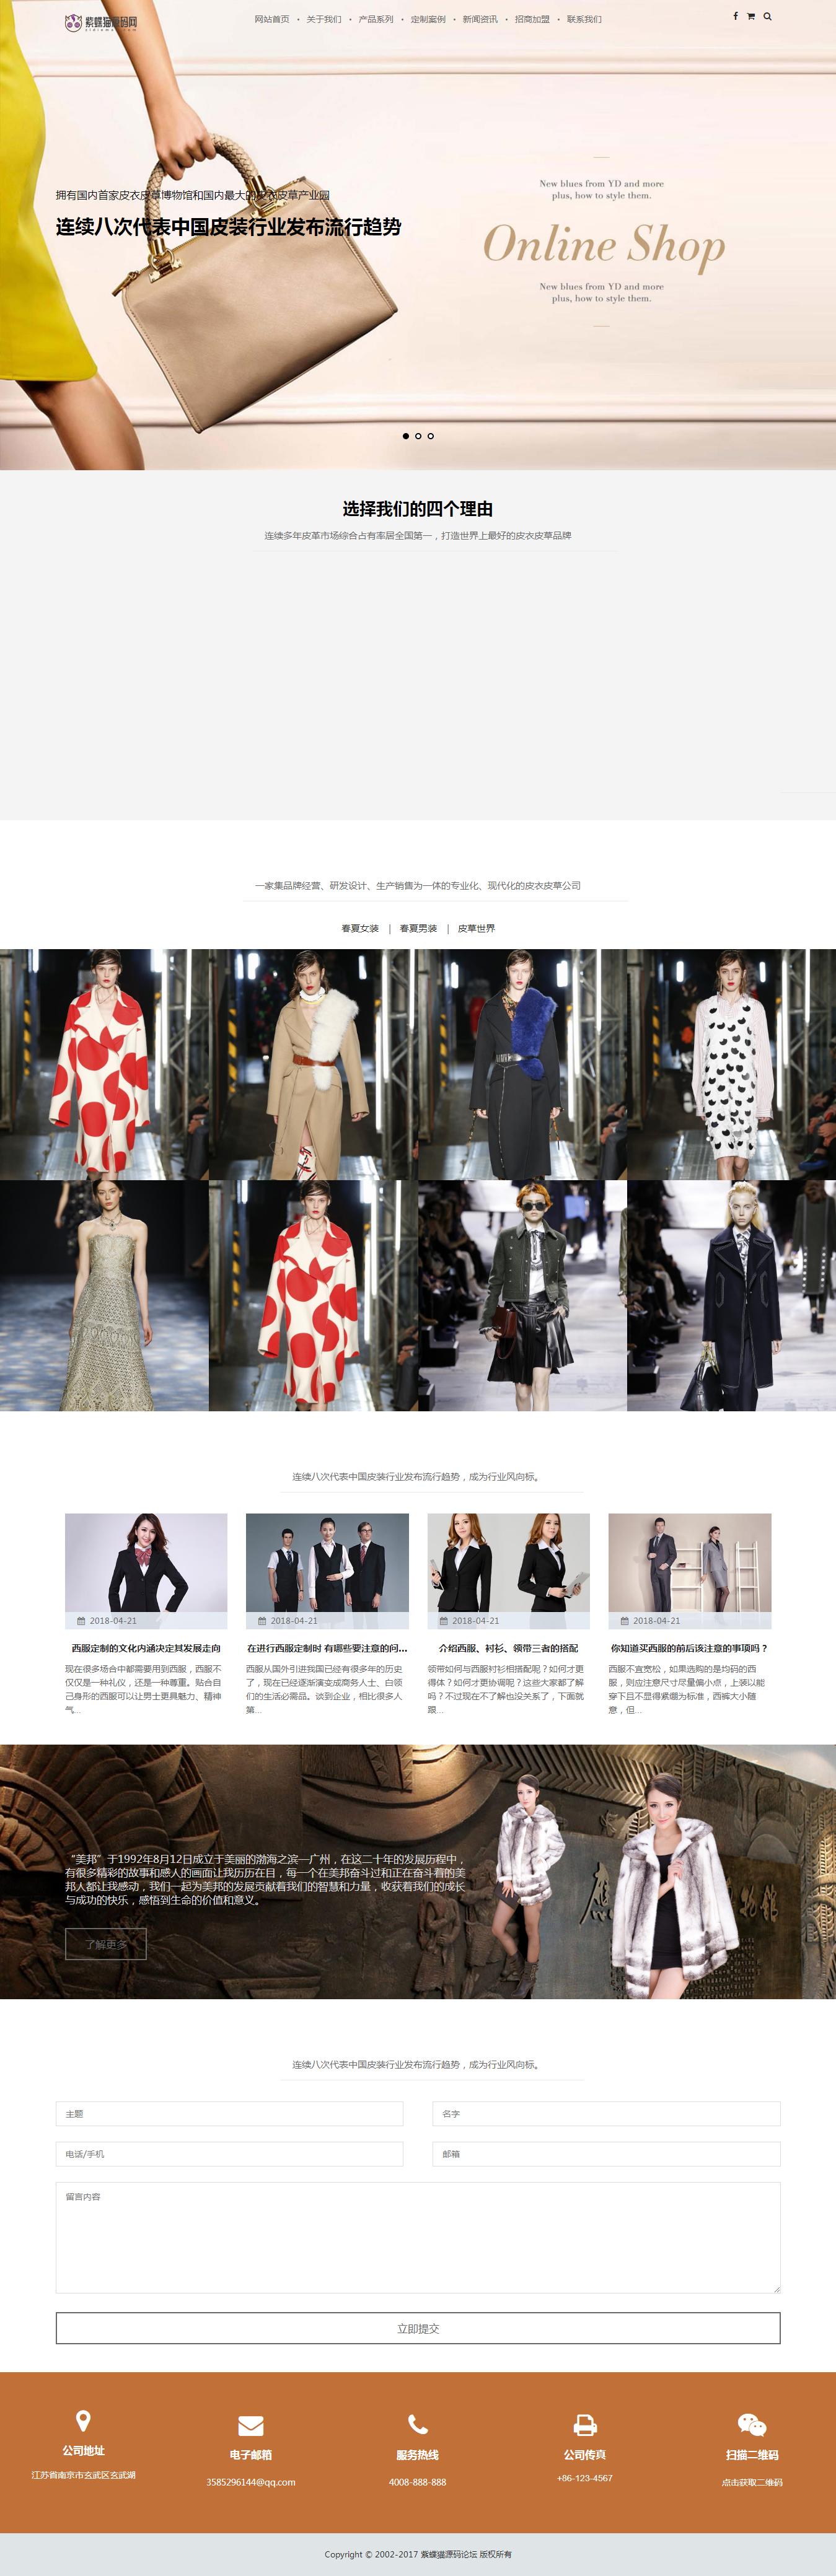 服装品牌网站设计模板